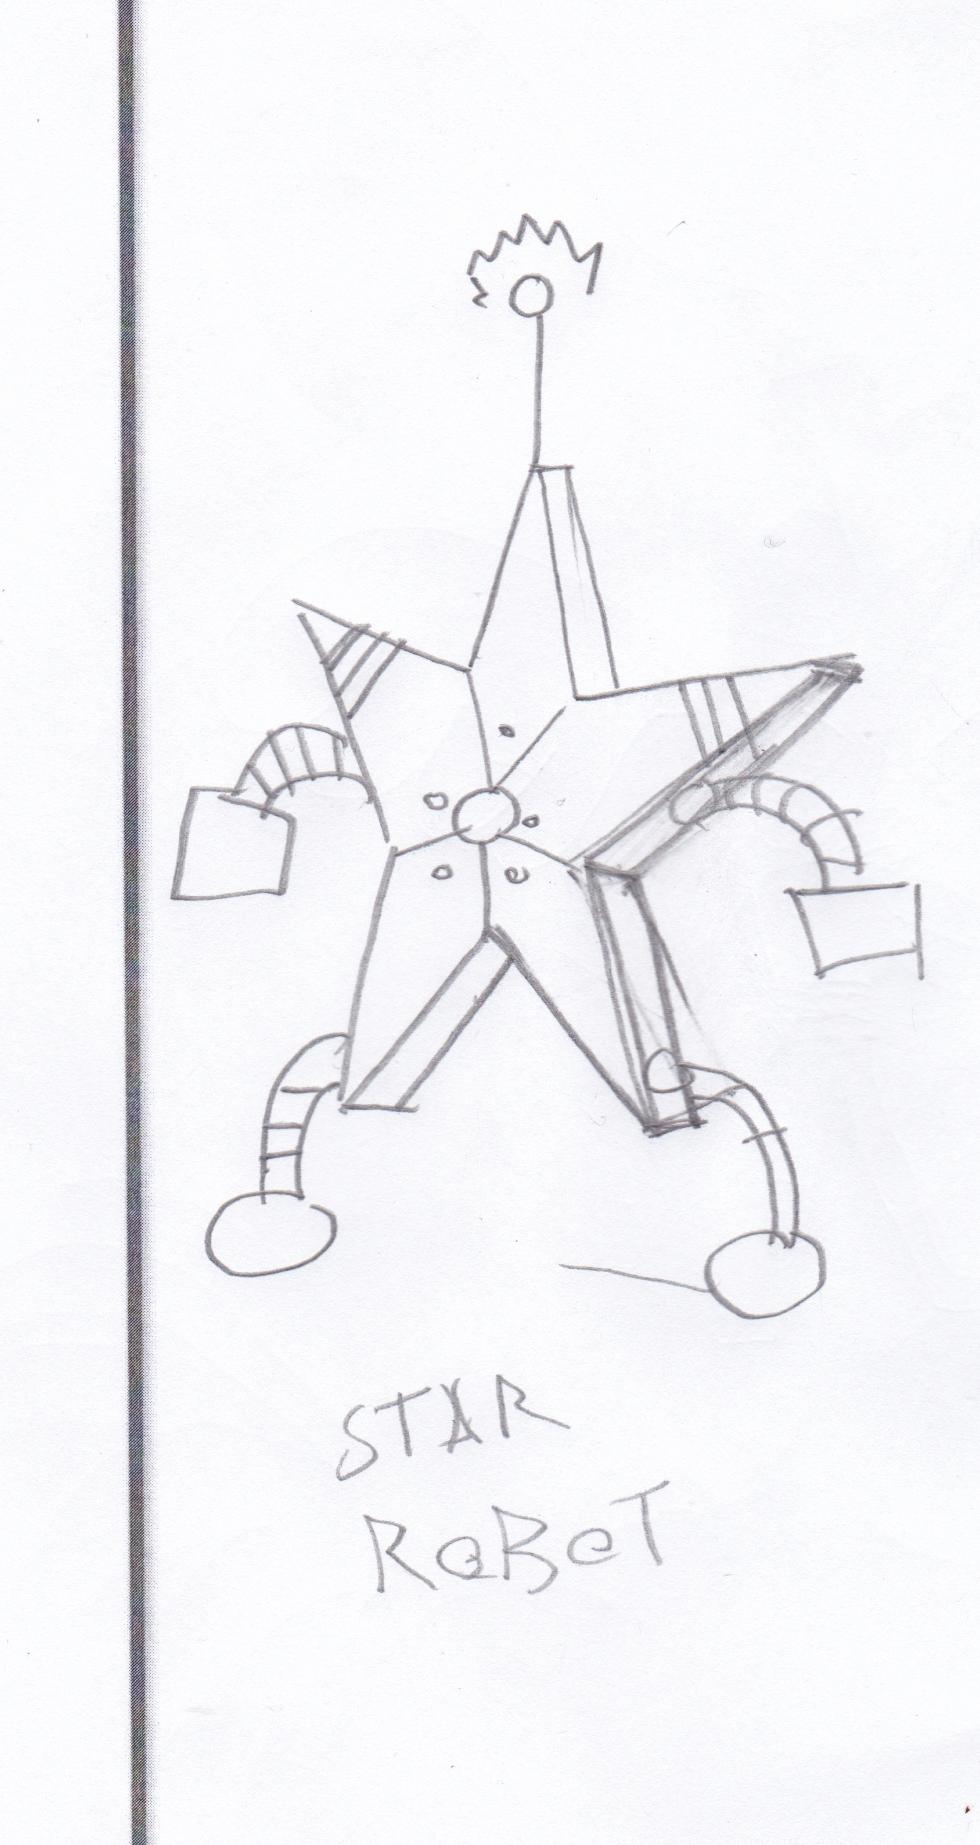 starrobot2016spx